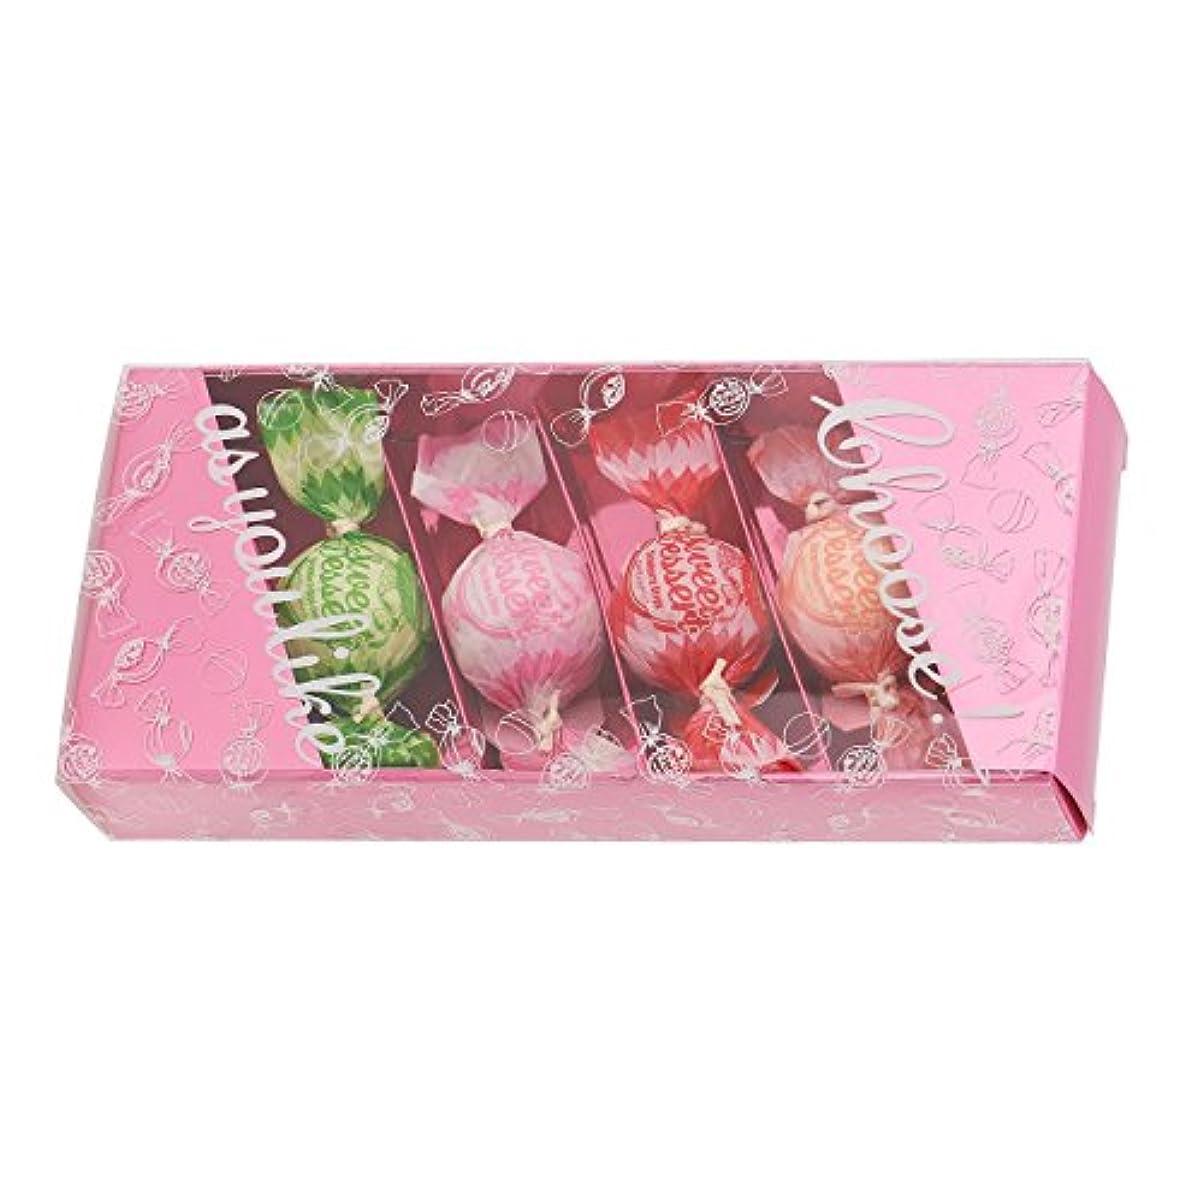 タイトティーンエイジャー与えるアマイワナ バスキャンディー4粒ギフトセット(35g×4個) ピンク(発泡タイプ入浴料 バスギフト)